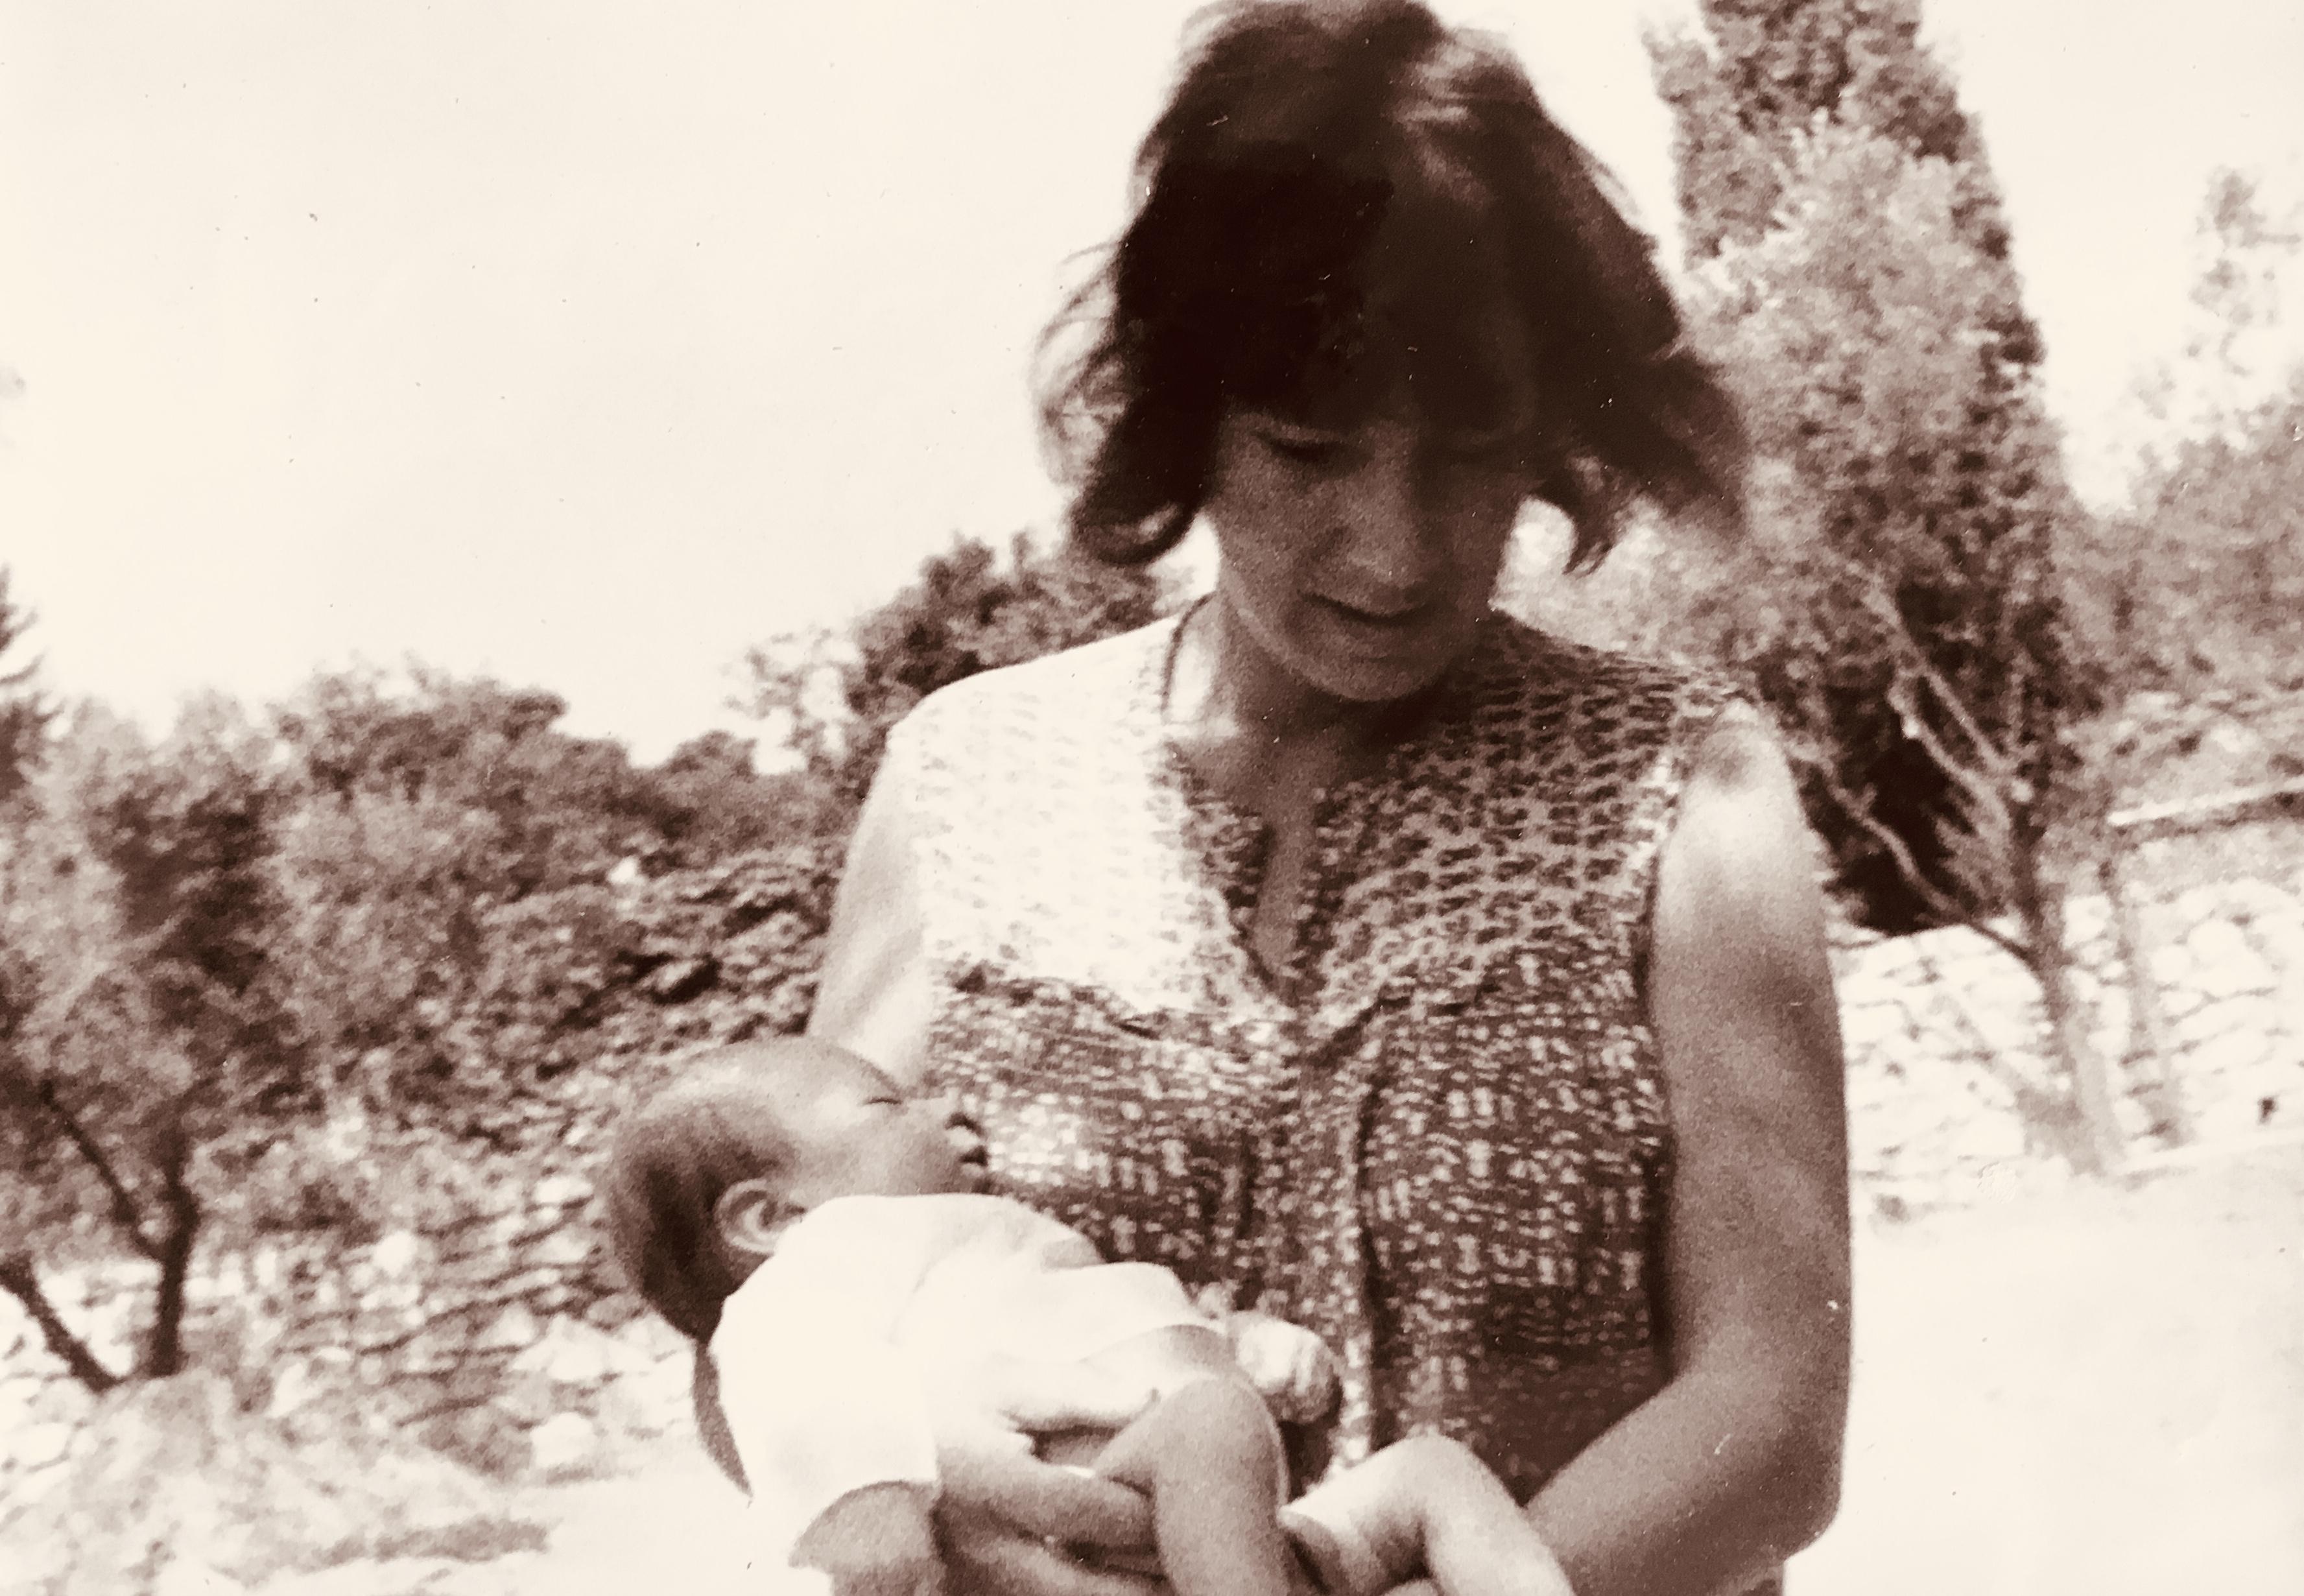 Maternité (1970)